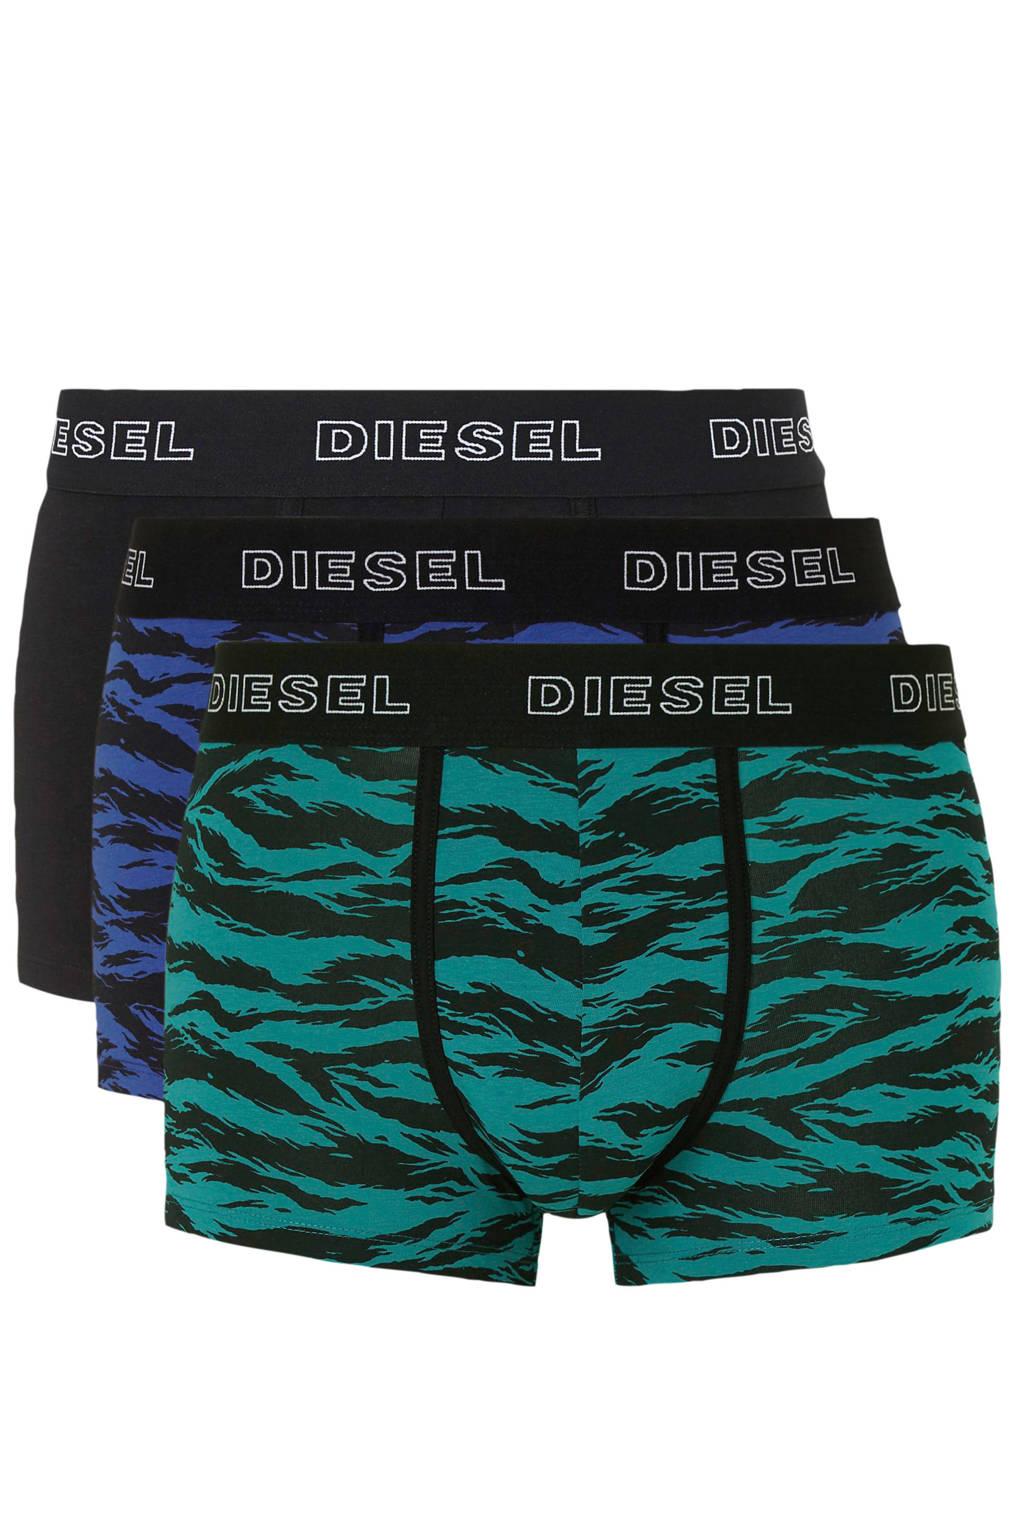 Diesel boxershort (set van 3), Zwart/groen/blauw